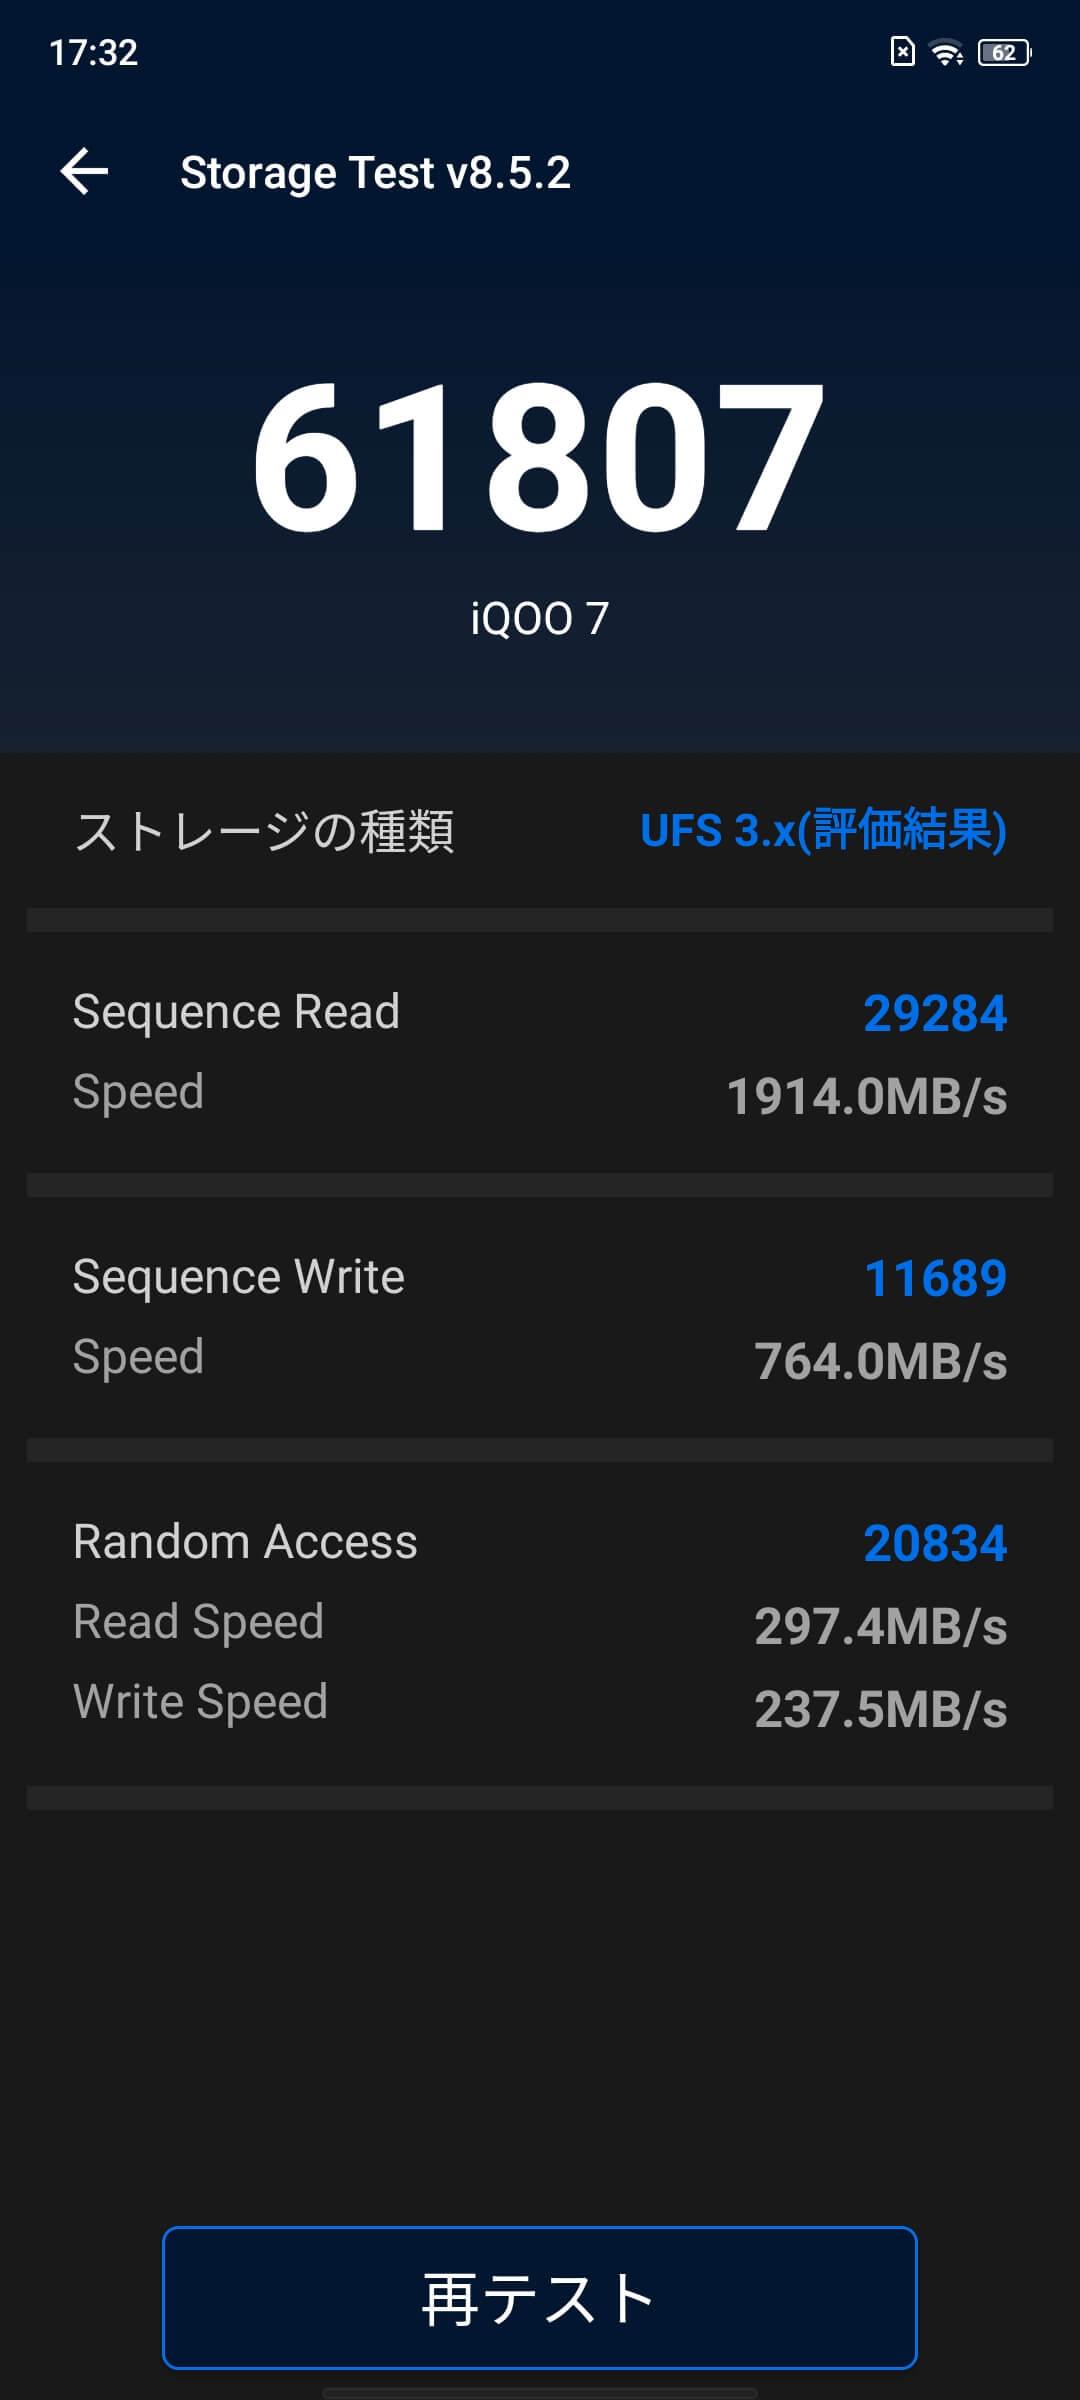 iQOO 7のストレージ速度